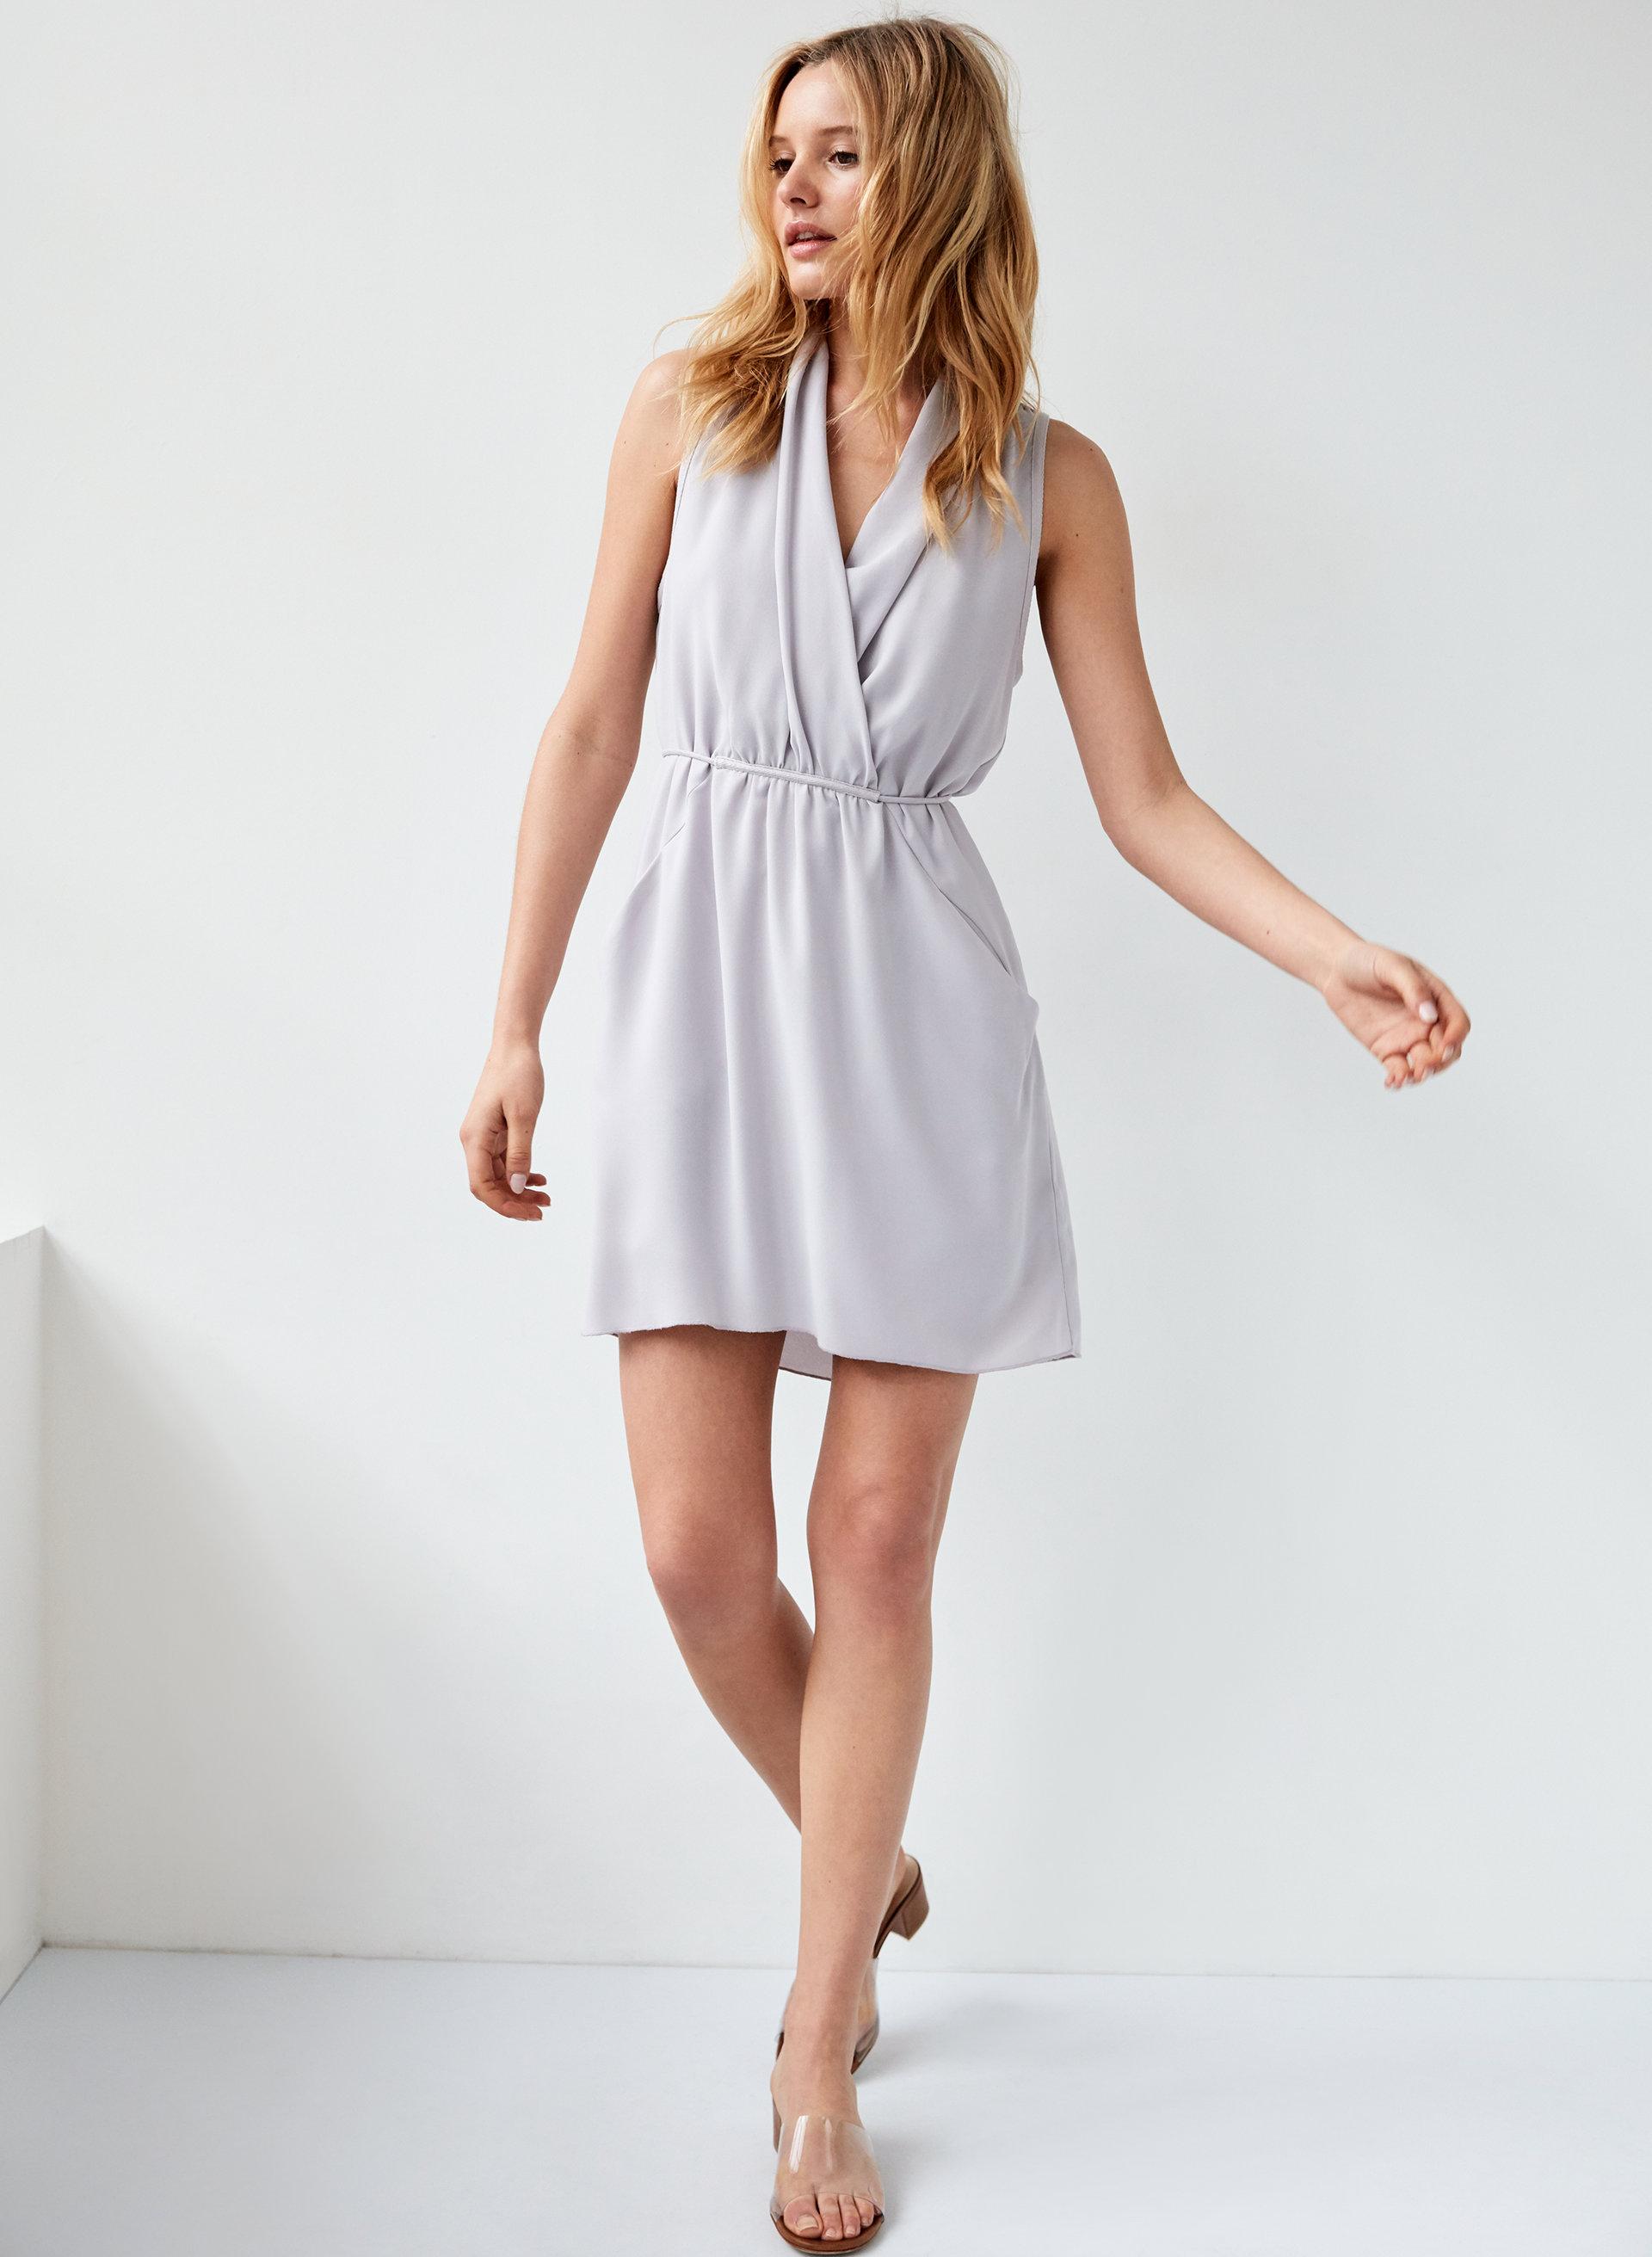 d04f2302bf7f9 SABINE DRESS - Faux-wrap mini dress with pockets